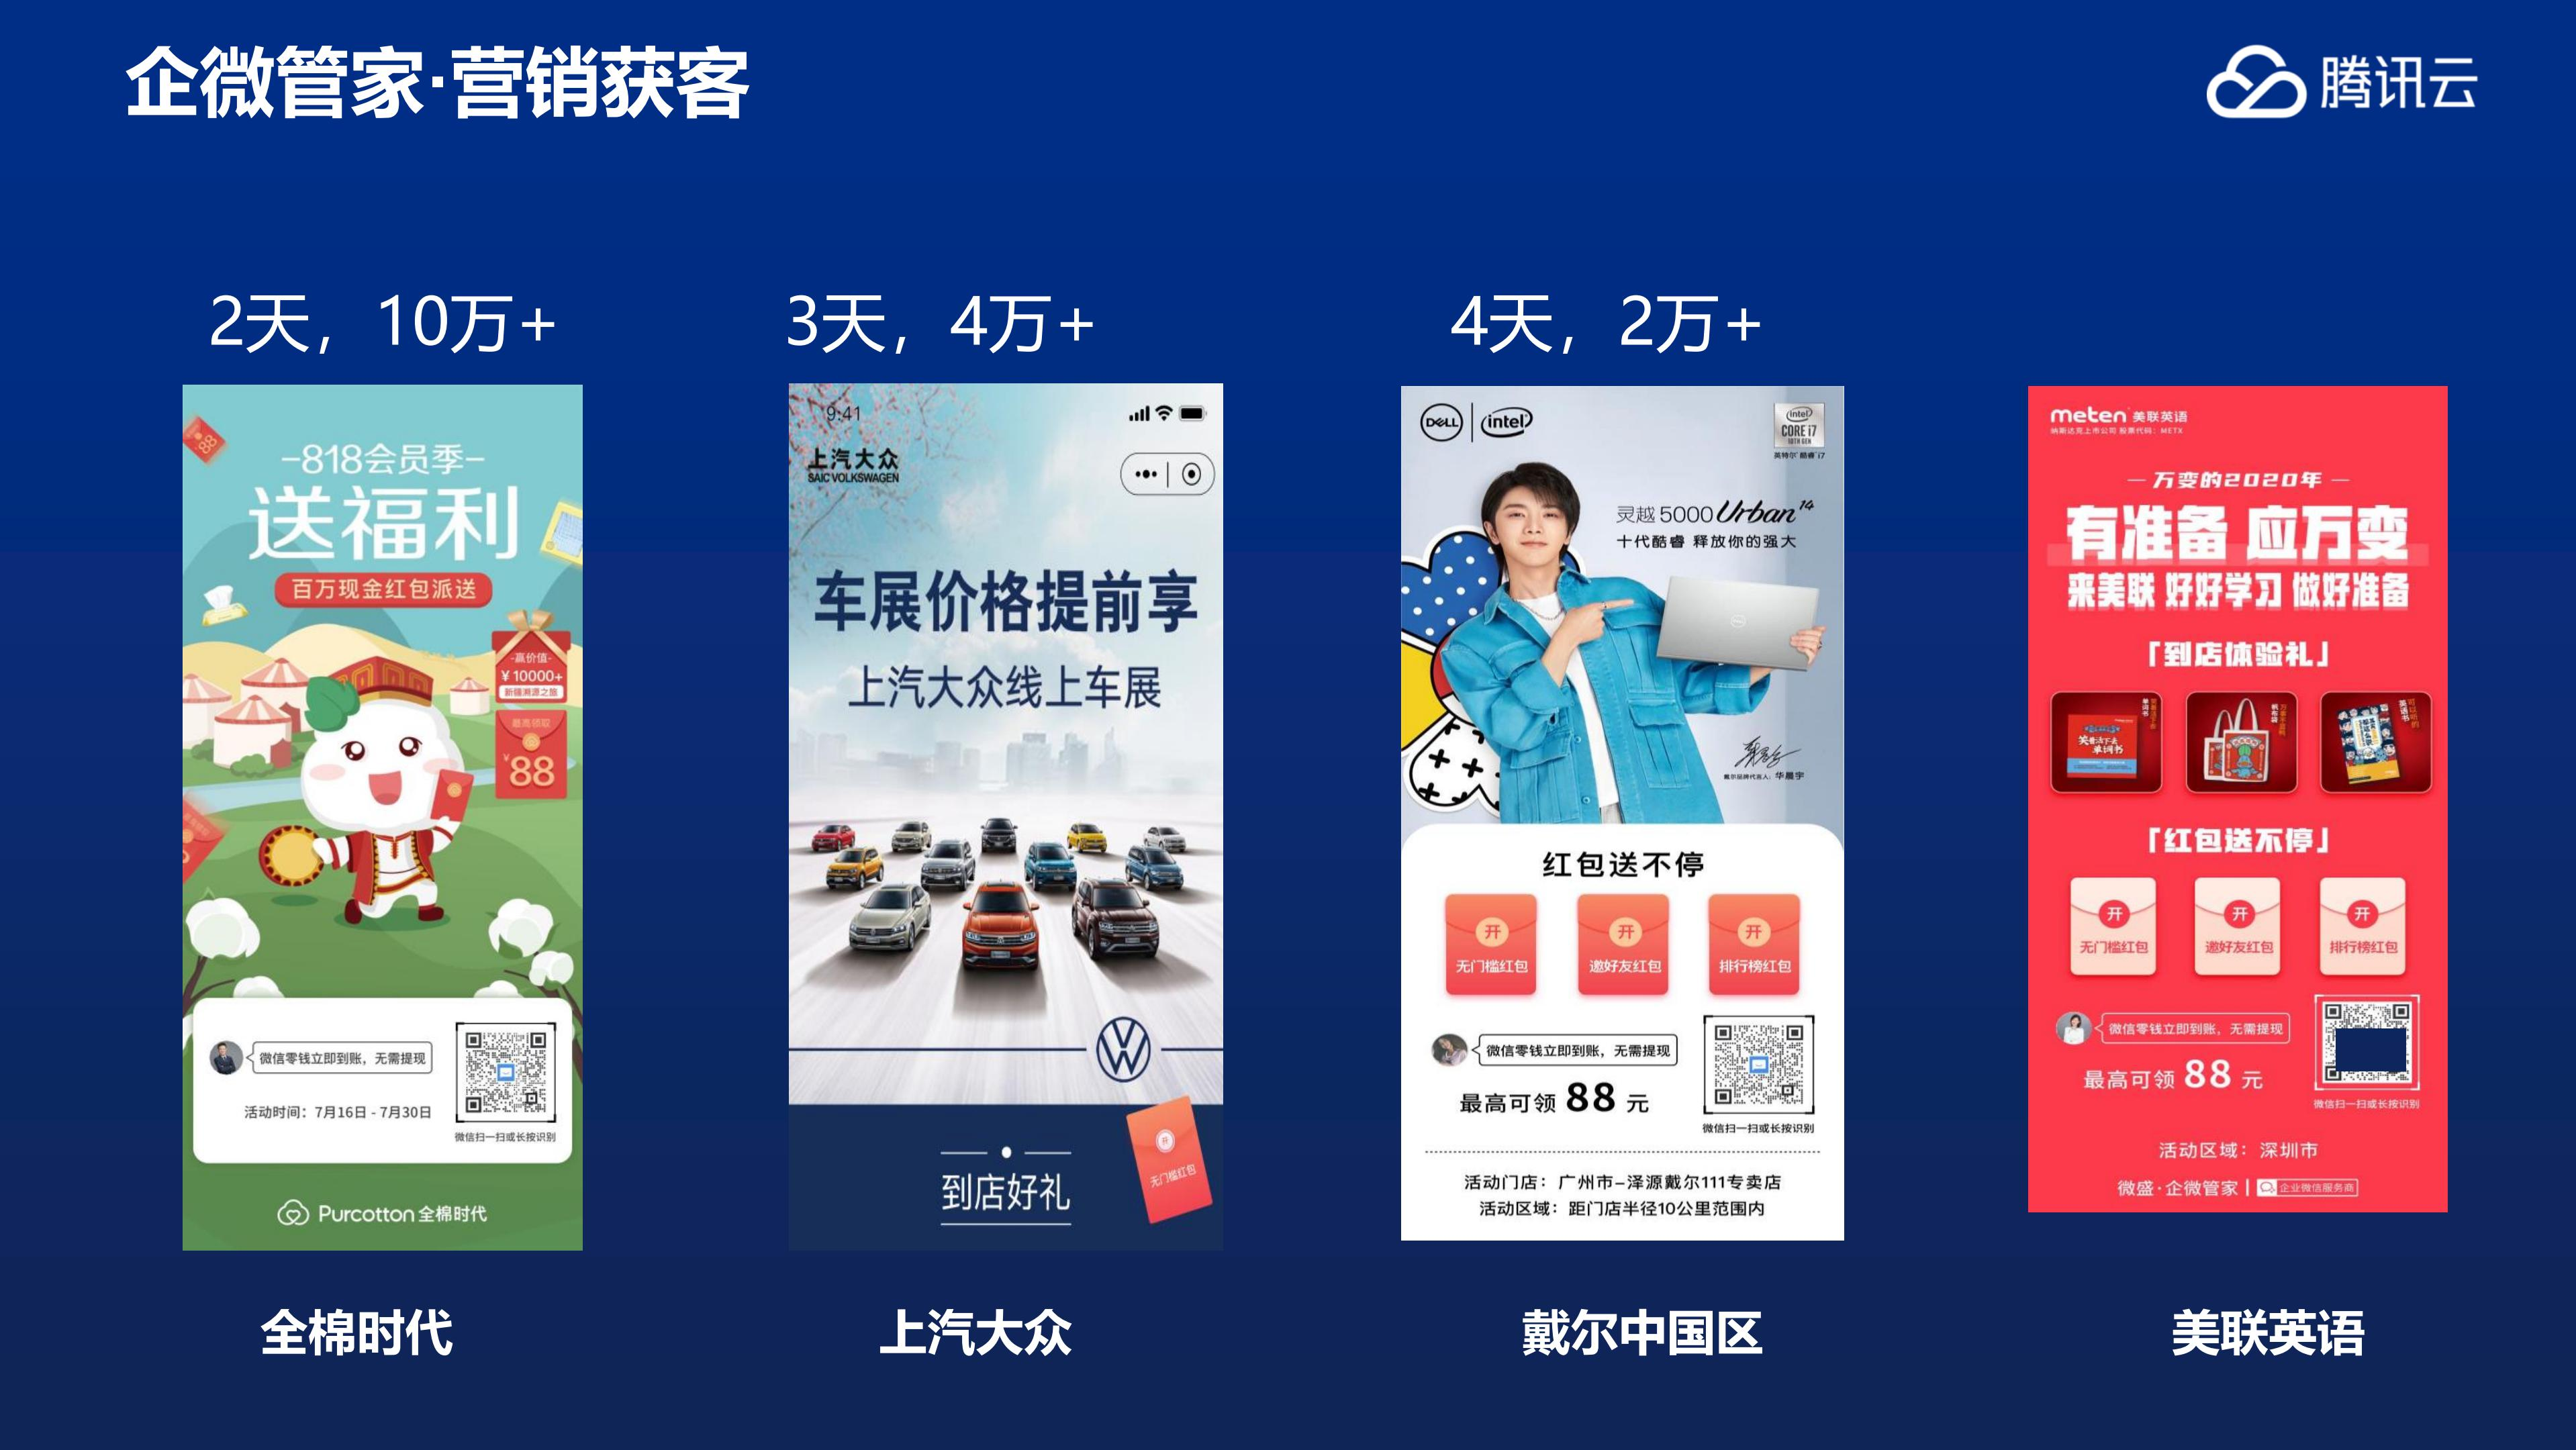 腾讯云企微管家产品介绍_25.jpg